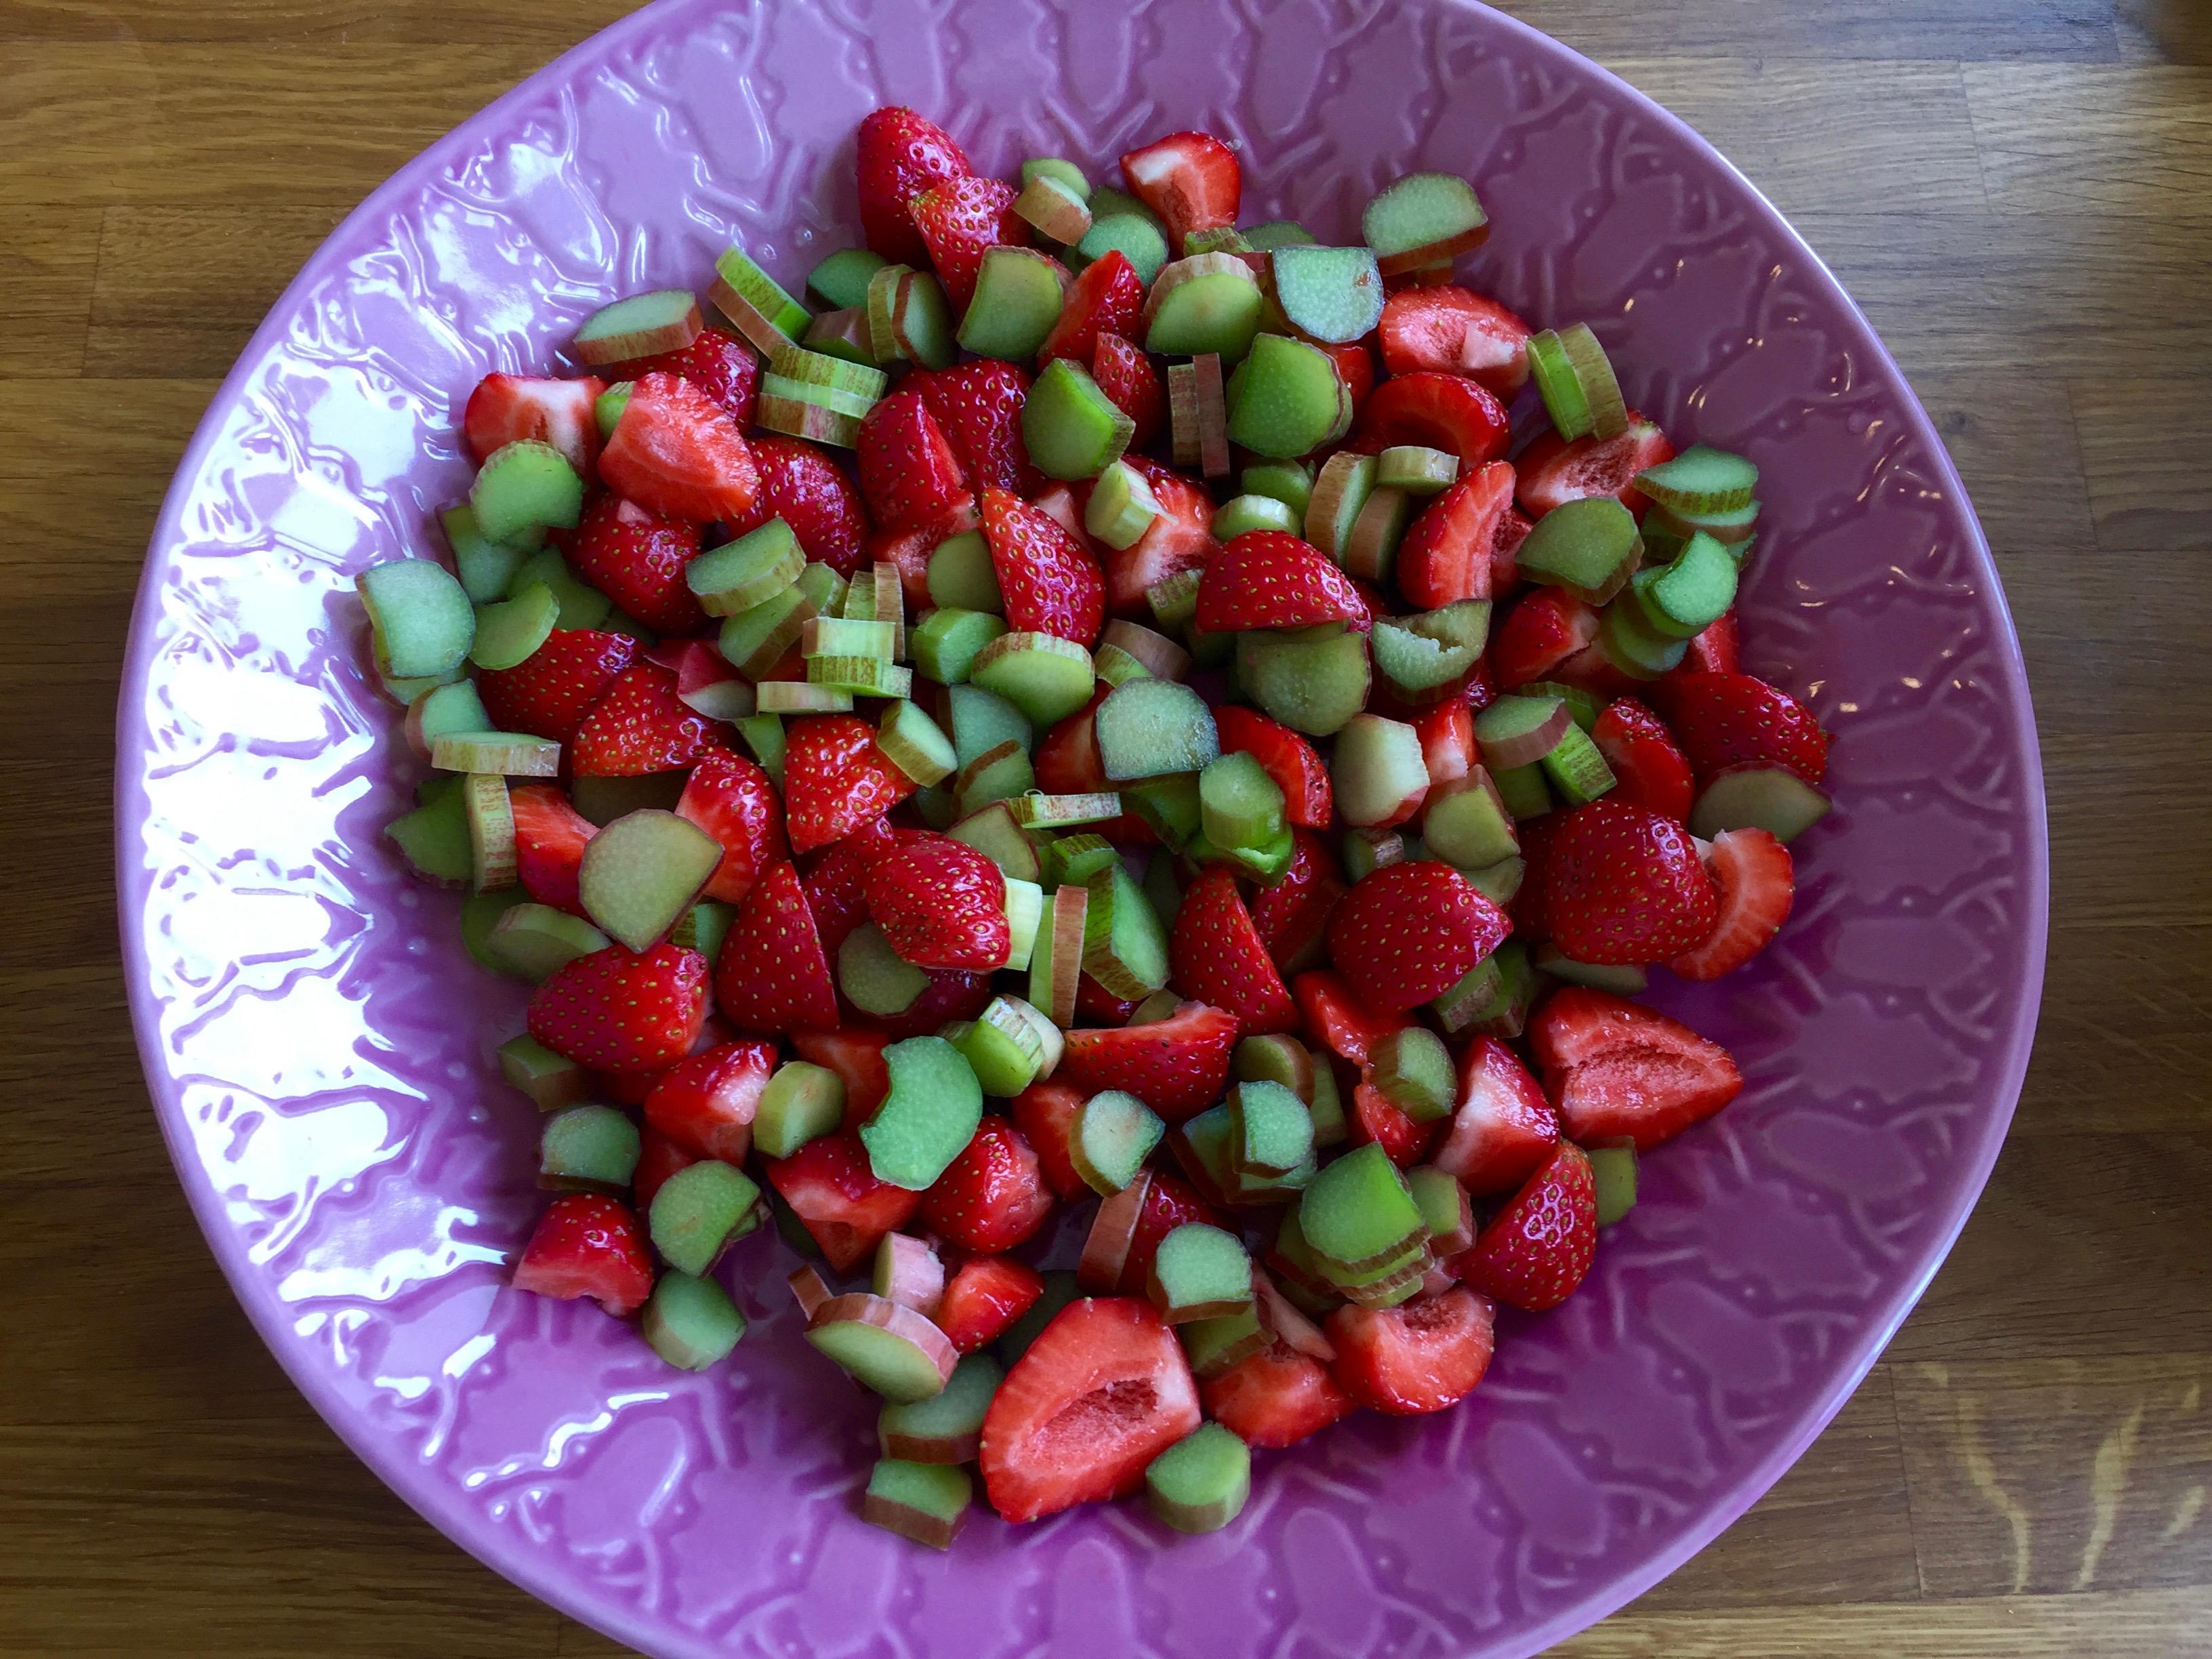 godaste rabarberpajen med maräng